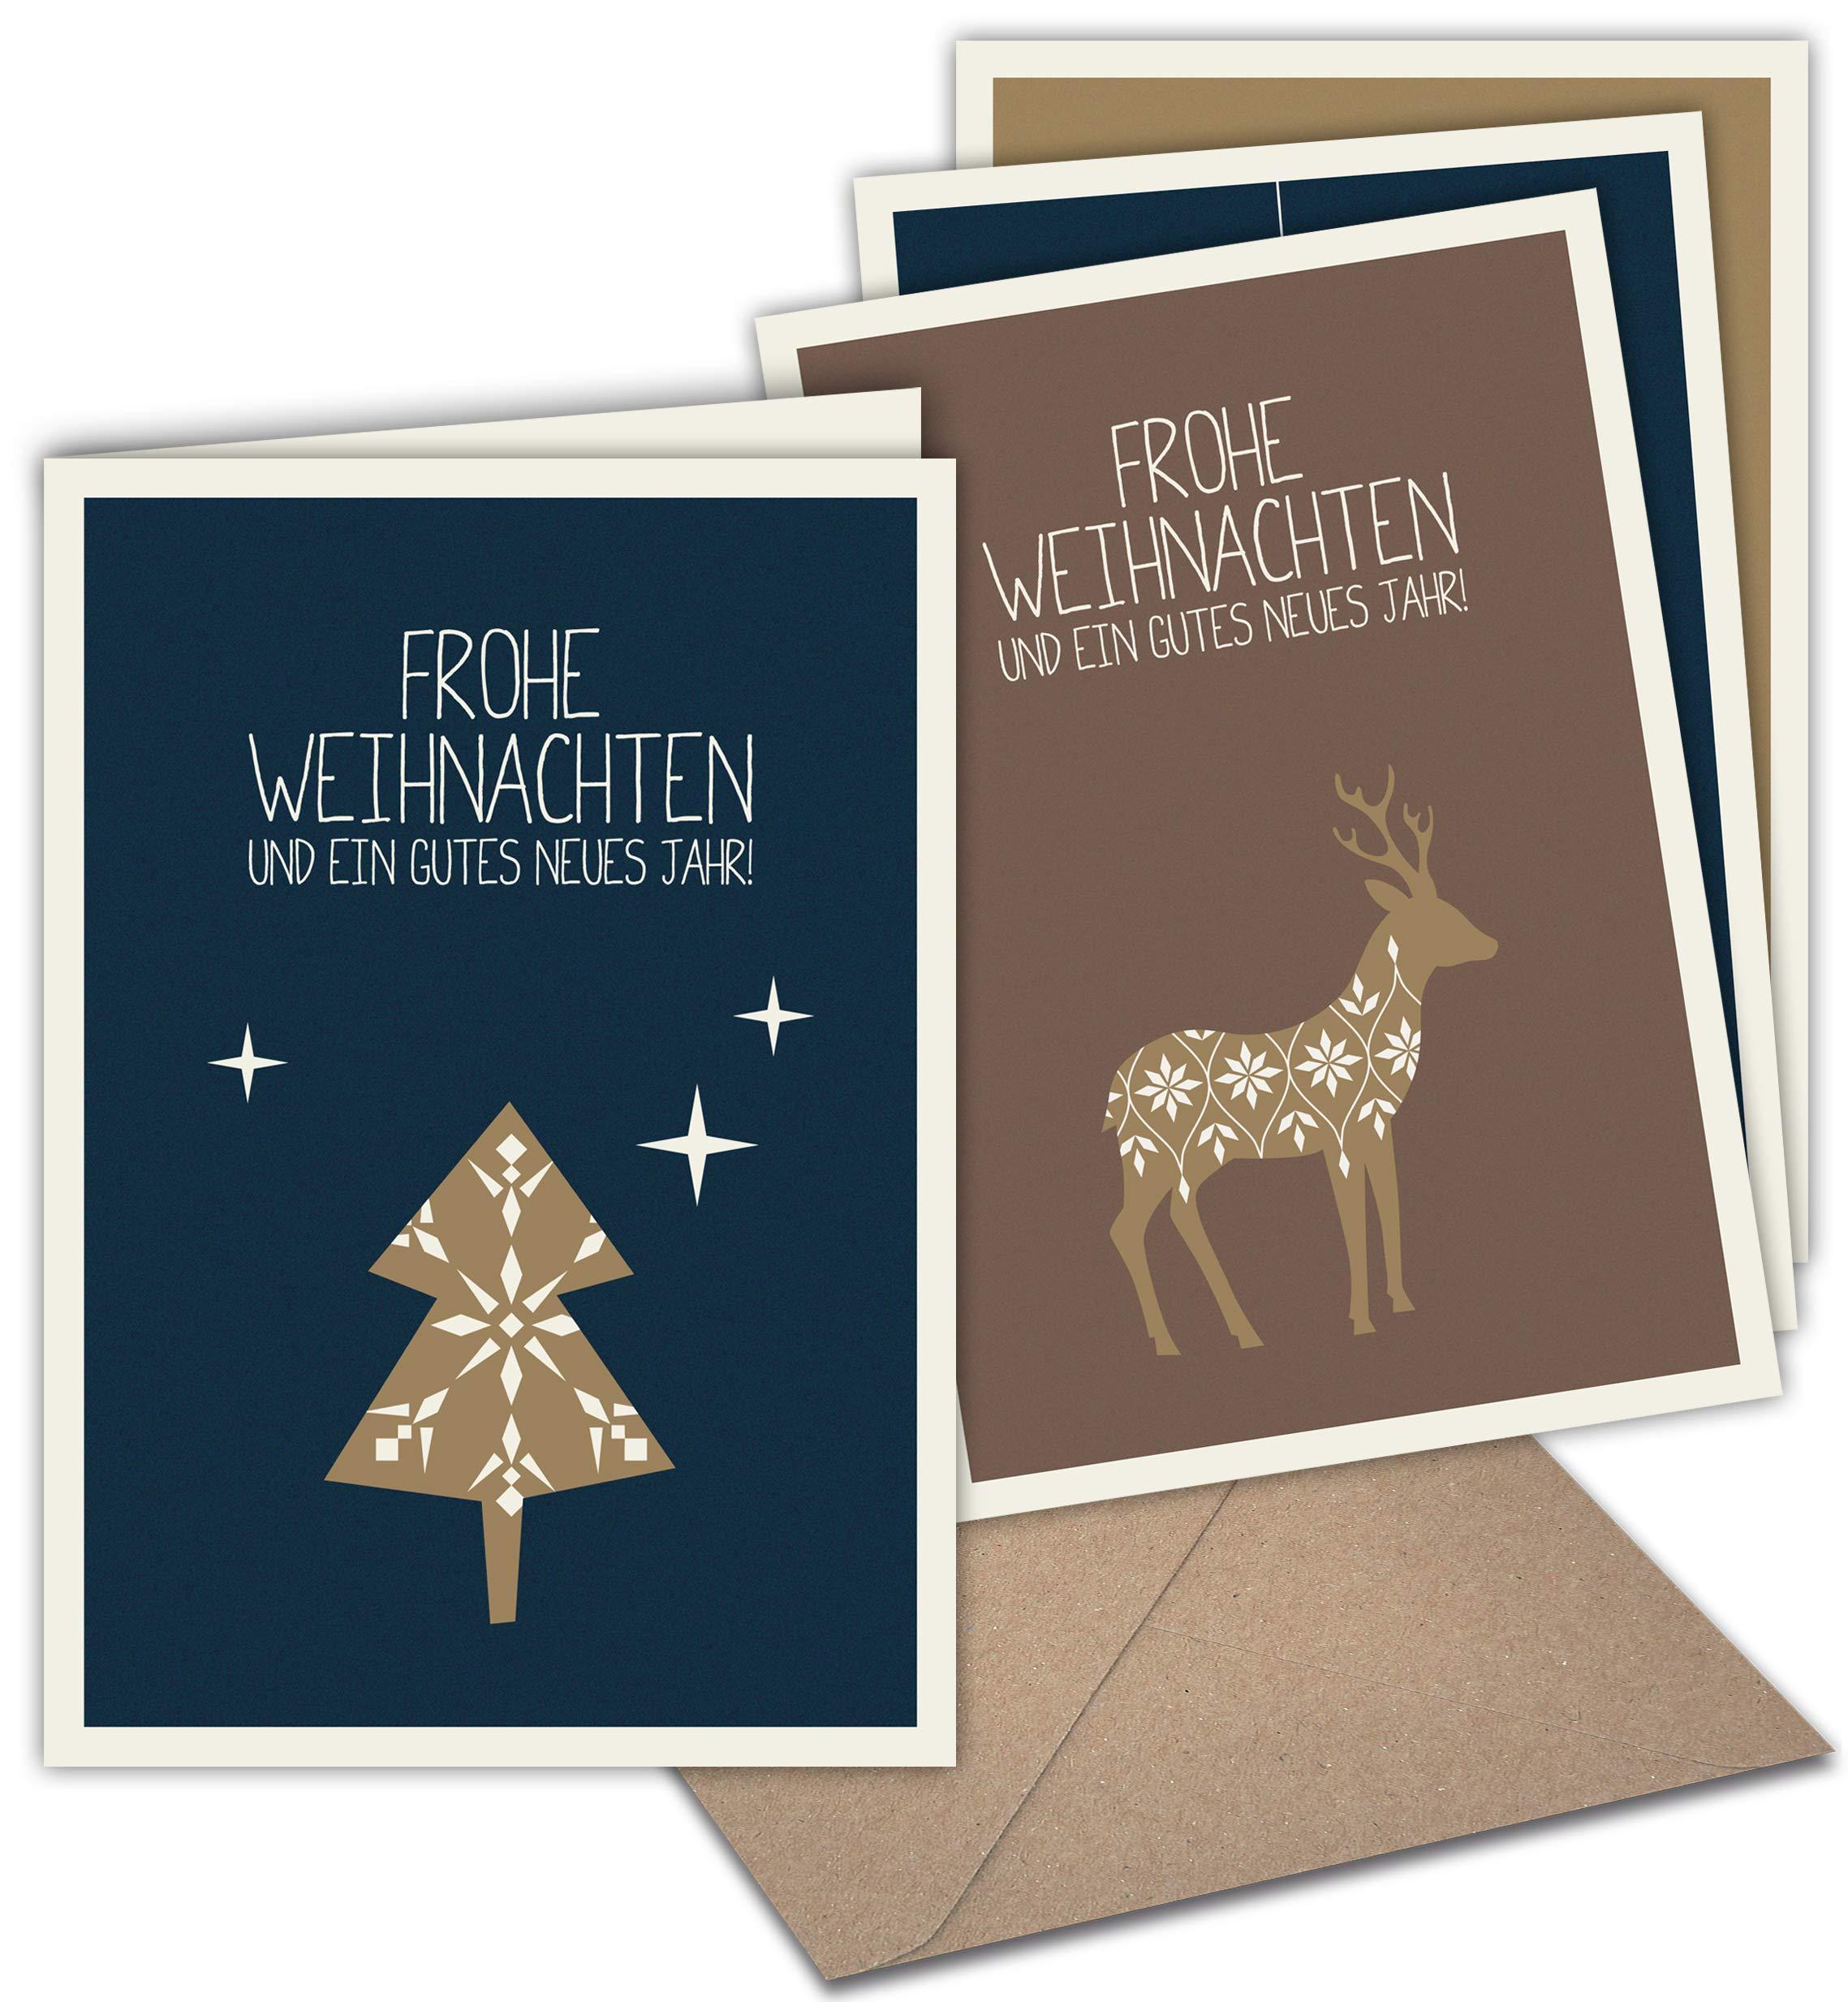 Weihnachtskarten Blanko.20 Klappkarten 20 Umschläge Weihnachtskarten Mit Prägung Skandinavische Weihnacht Grusskartenkaufen De